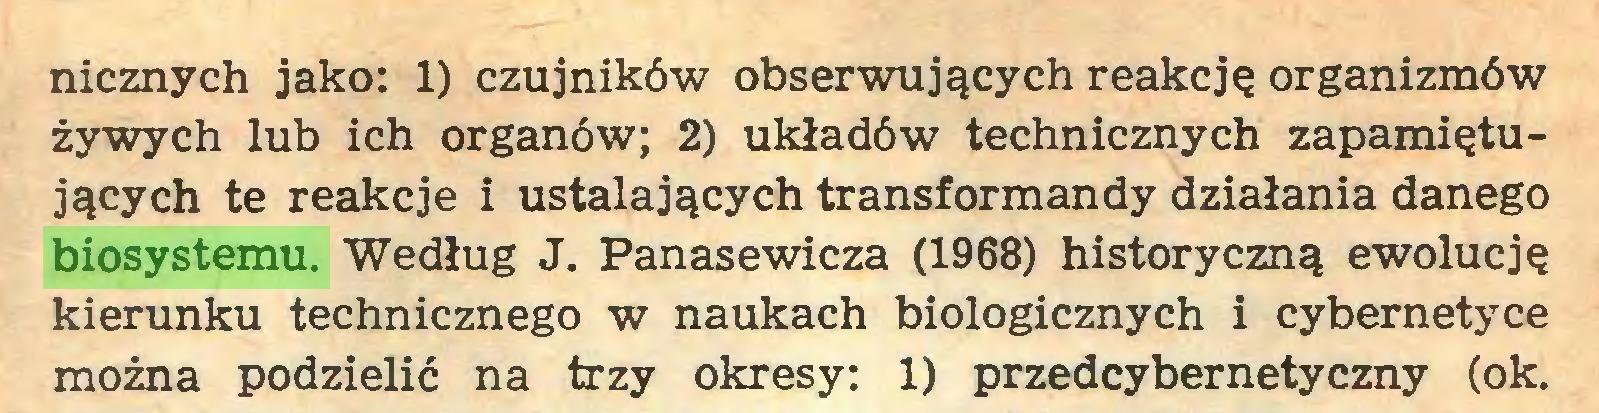 (...) nicznych jako: 1) czujników obserwujących reakcję organizmów żywych lub ich organów; 2) układów technicznych zapamiętujących te reakcje i ustalających transformandy działania danego biosystemu. Według J. Panasewicza (1968) historyczną ewolucję kierunku technicznego w naukach biologicznych i cybernetyce można podzielić na trzy okresy: 1) przedcybernetyczny (ok...